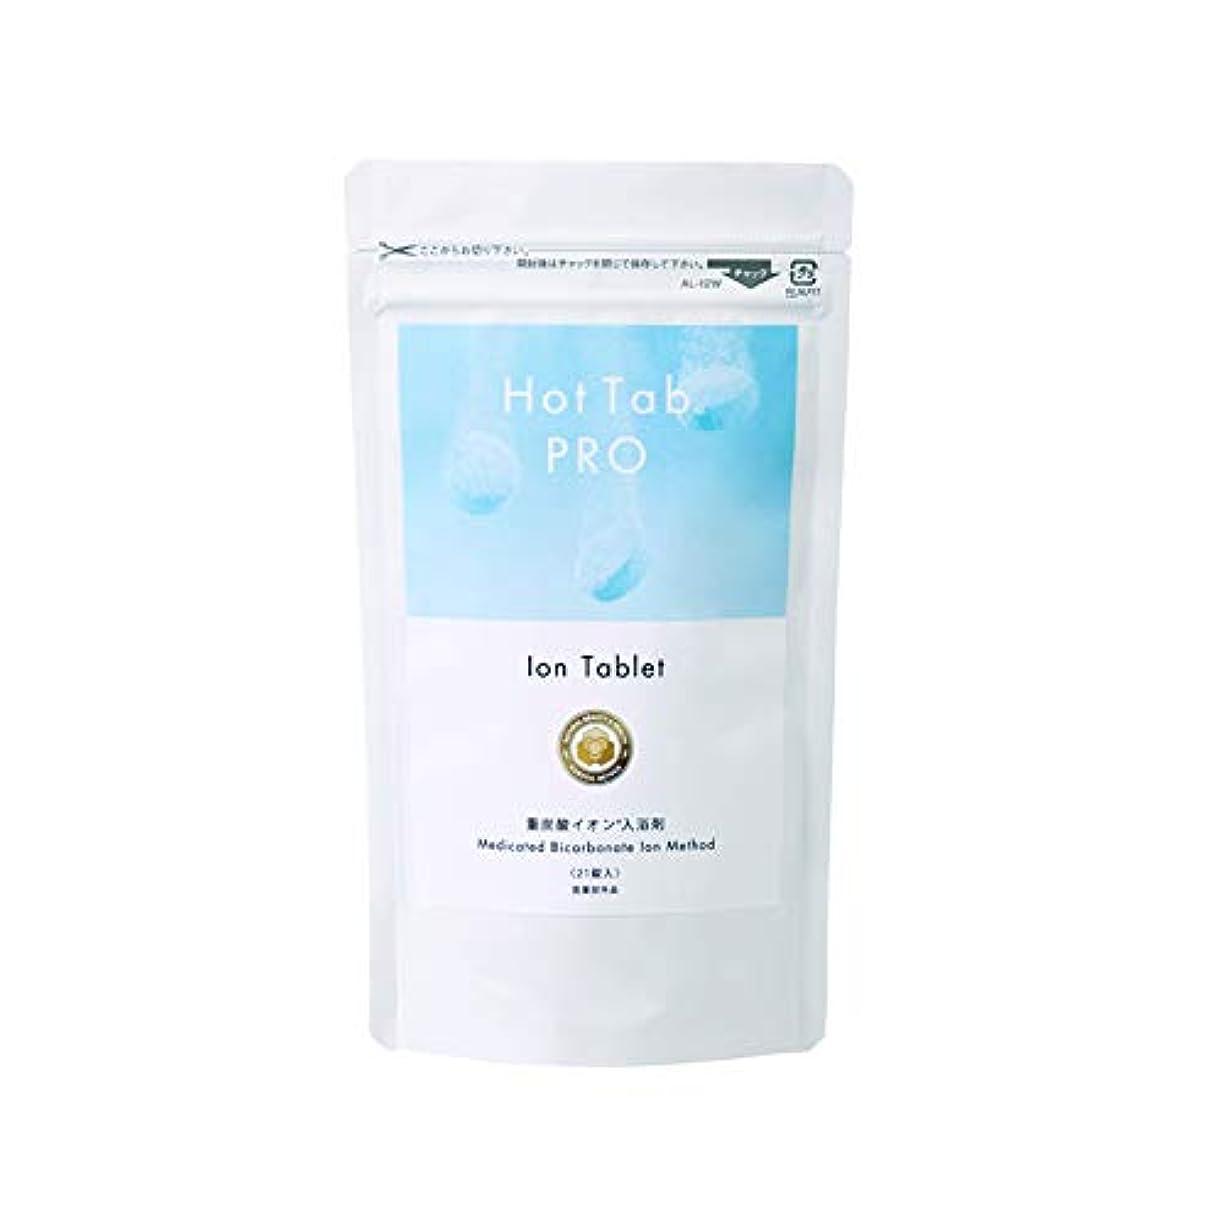 気候ジャニス暴力最新型 日本製なめらか重炭酸入浴剤「ホットタブPro」(デリケートな肌でも安心 無香料 無着色 中性pH) (21錠セット)